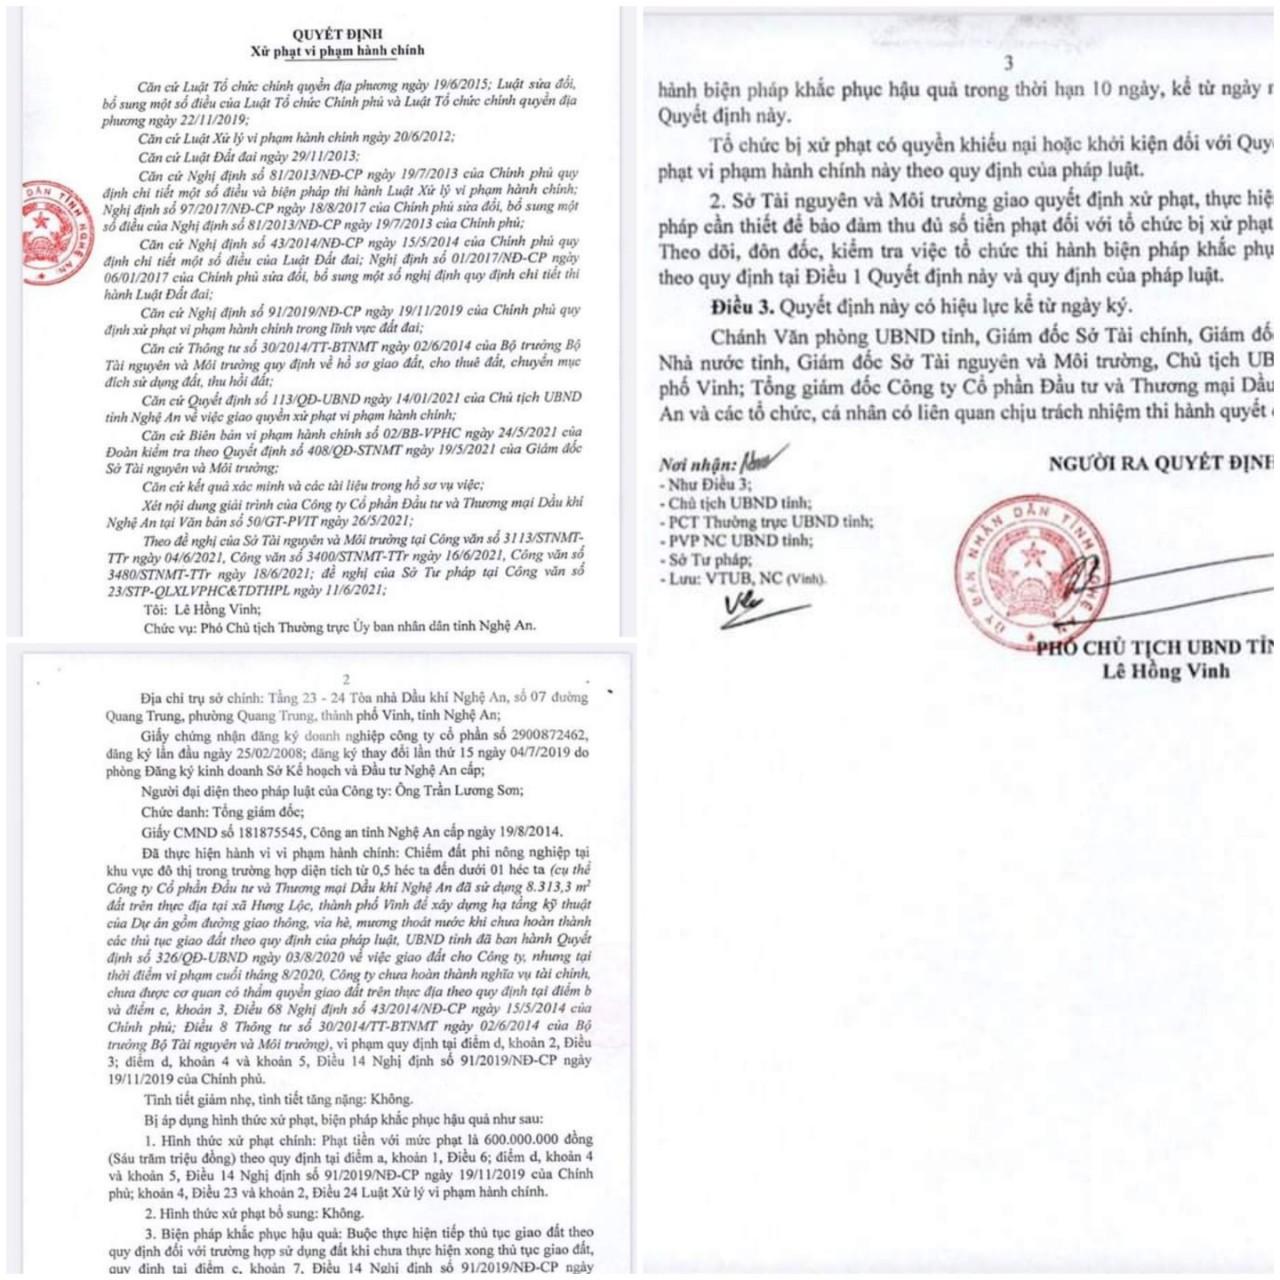 Quyết định xử phạt của UBND tỉnh Nghệ An về hành vi chiếm đất nông nghiệp trong khu vực đô thị của PVIT tại dự án Hưng Lộc.